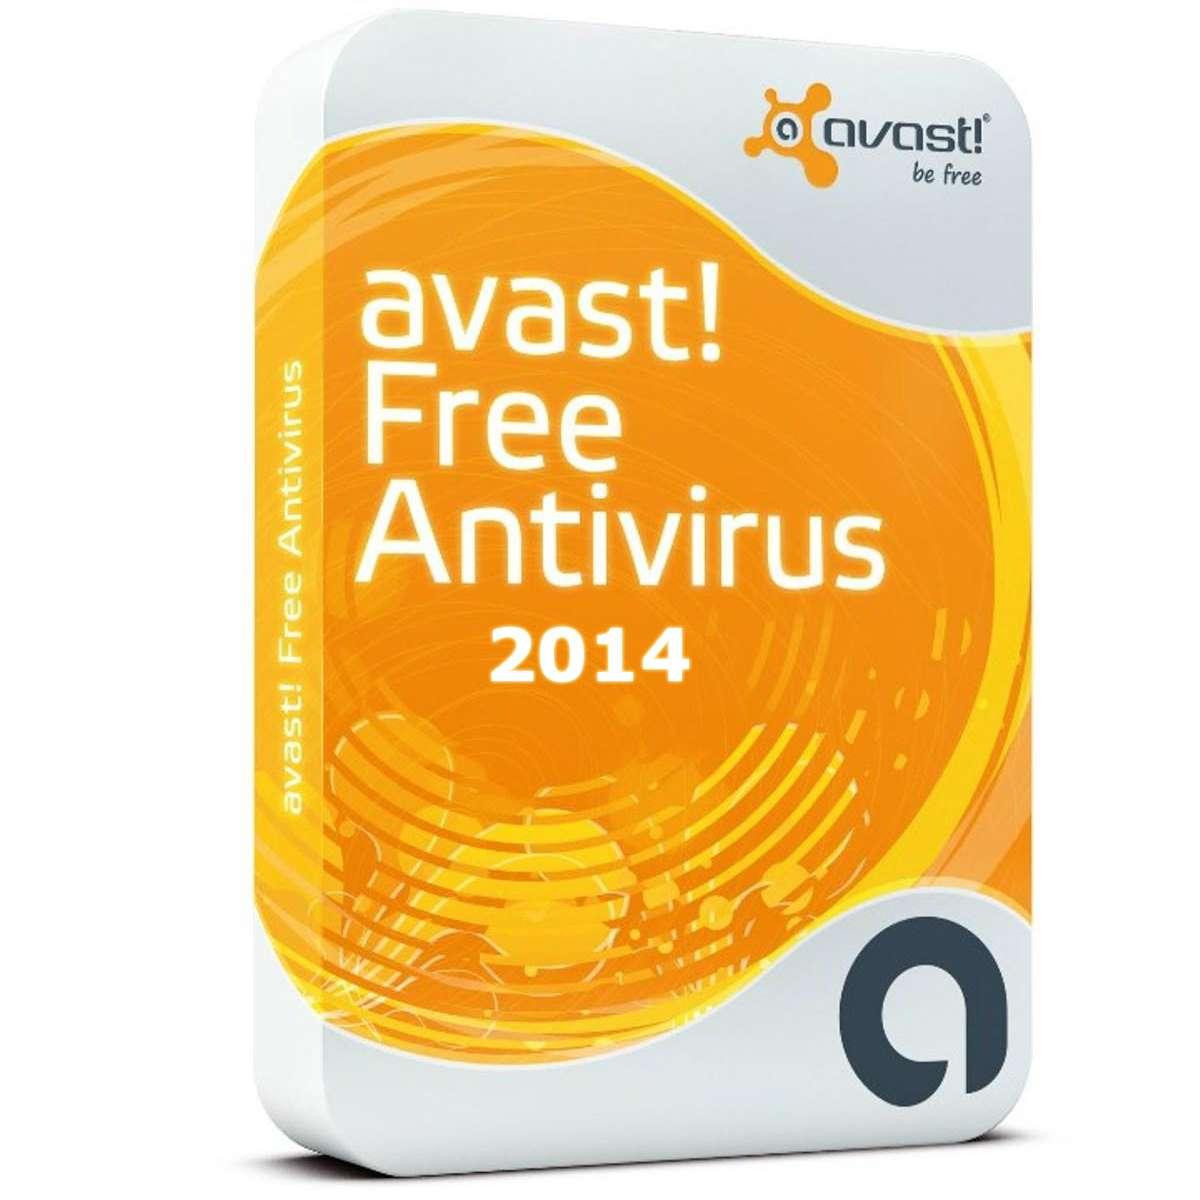 اولین نگاه به نسخه رایگان آنتی ویروس AVAST 2014